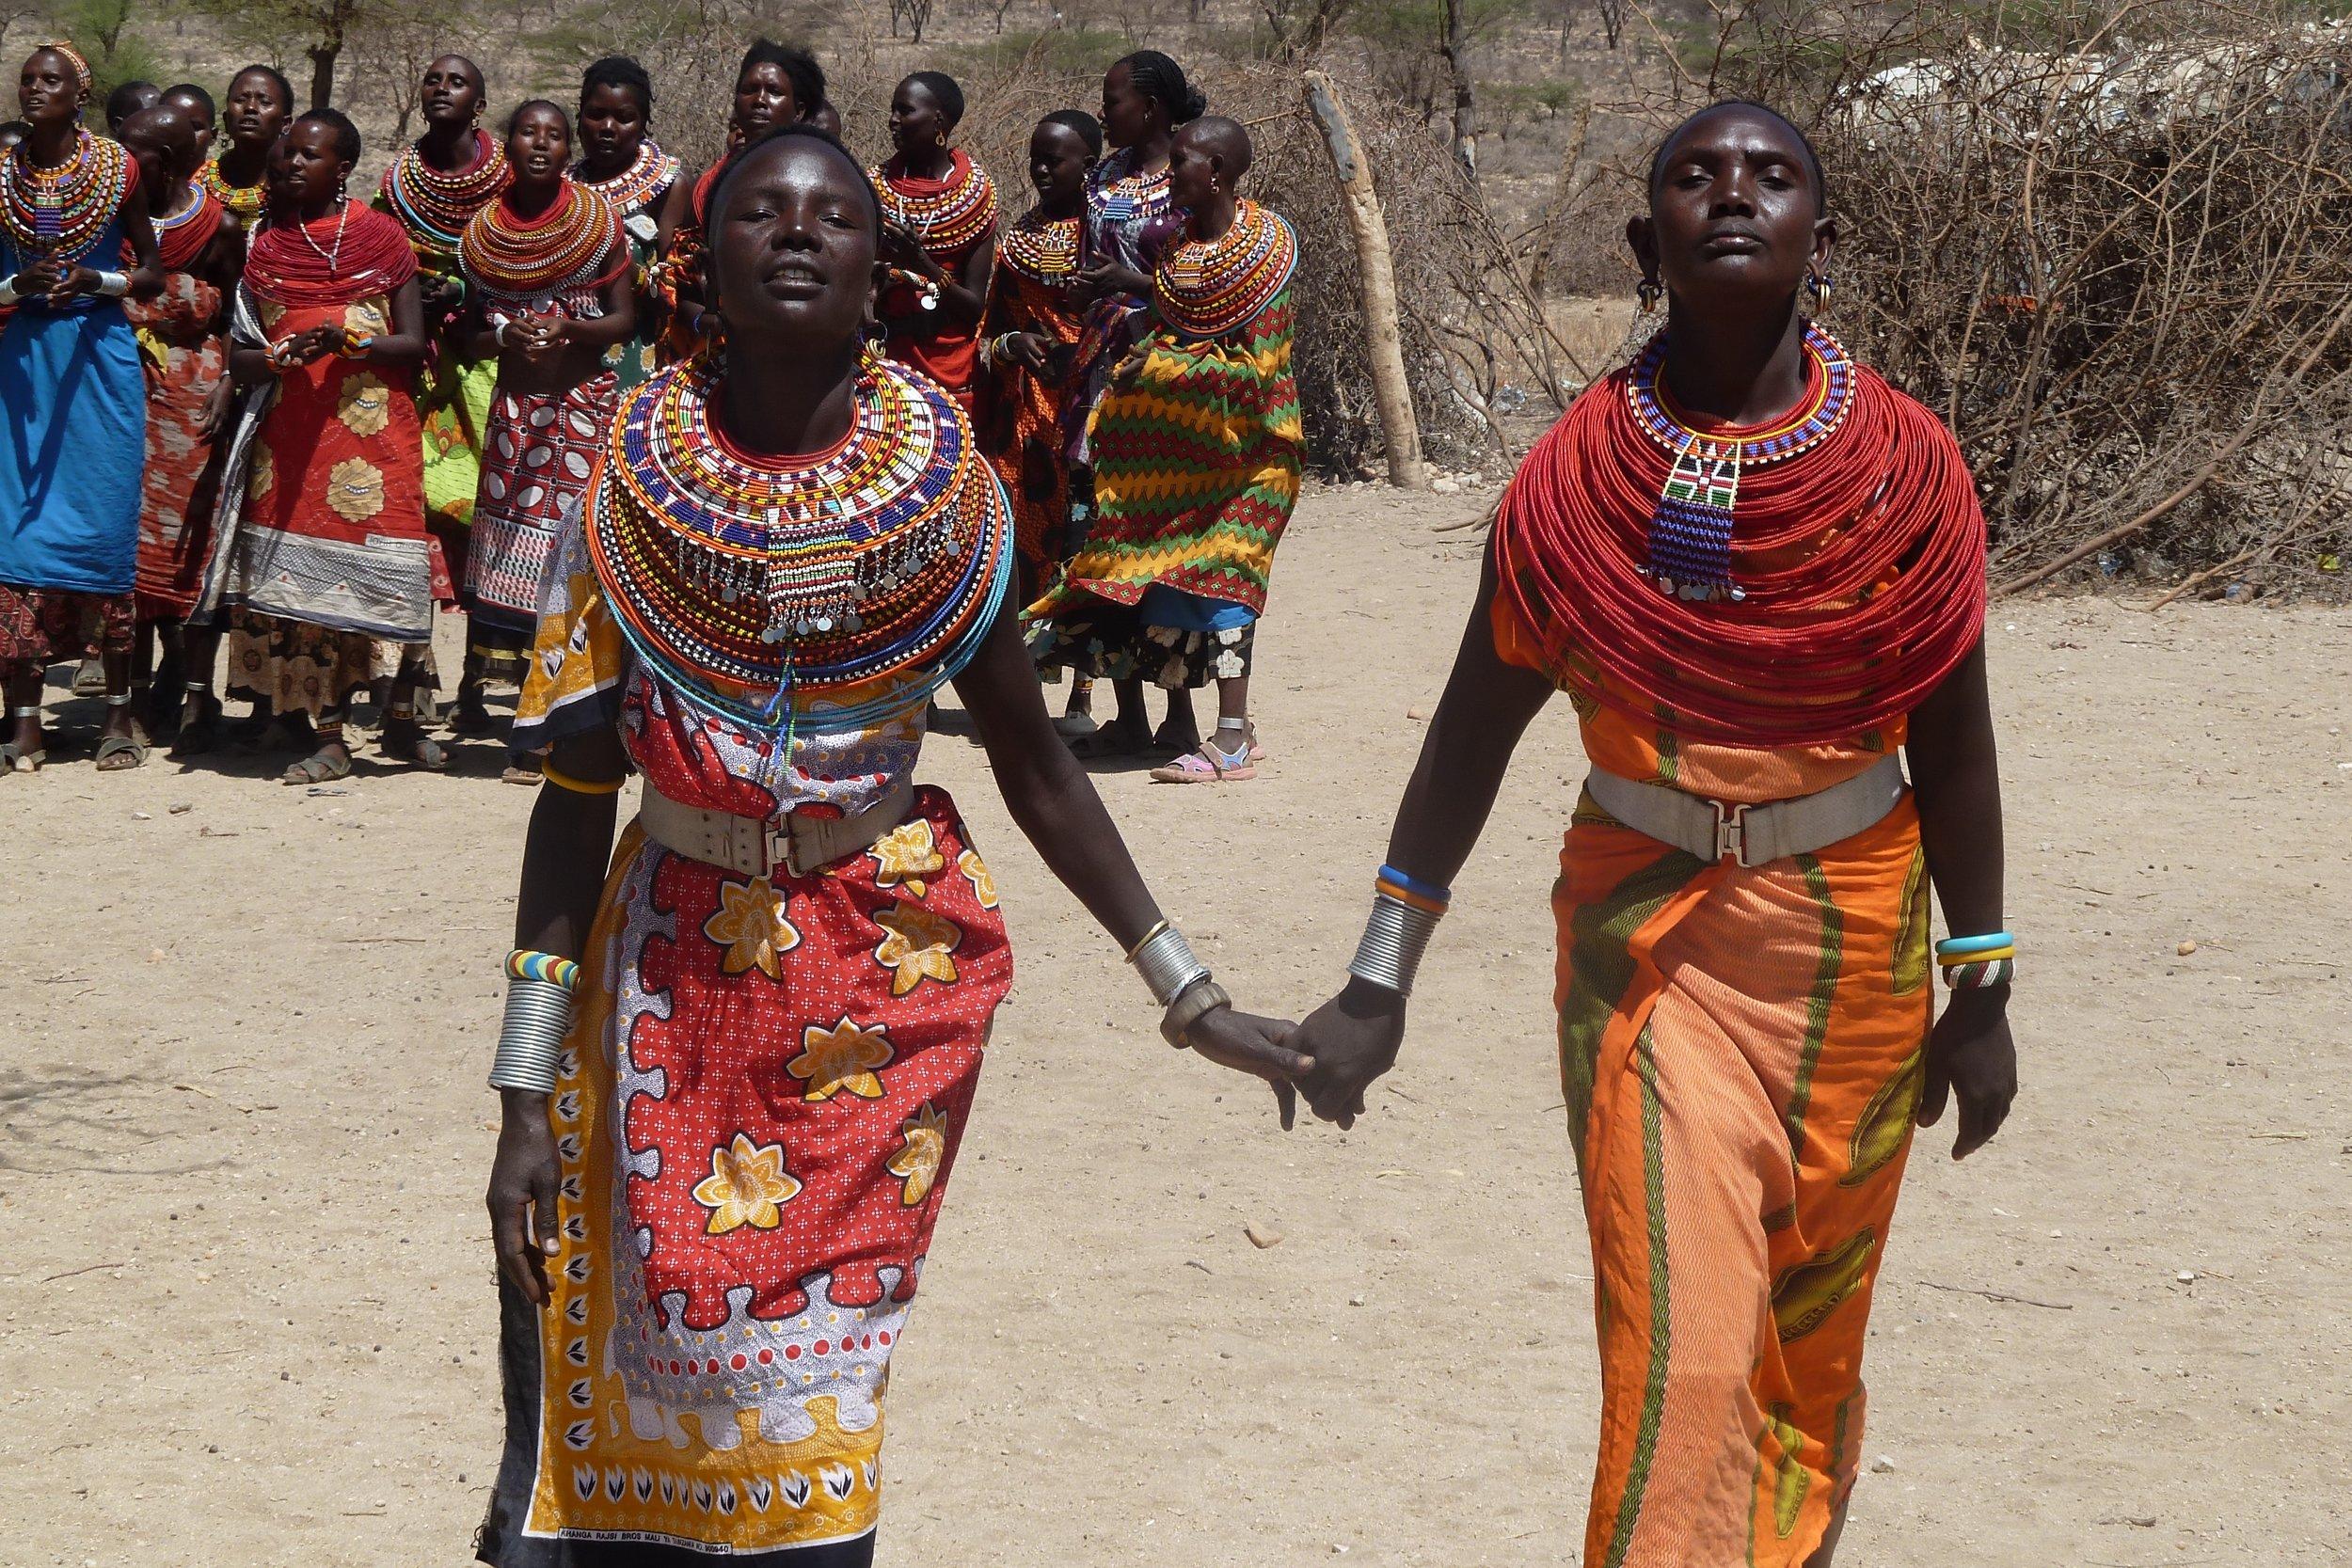 WOMEN IN KENYA. PHOTO BY  JOHN MCARTHUR  ON  UNSPLASH